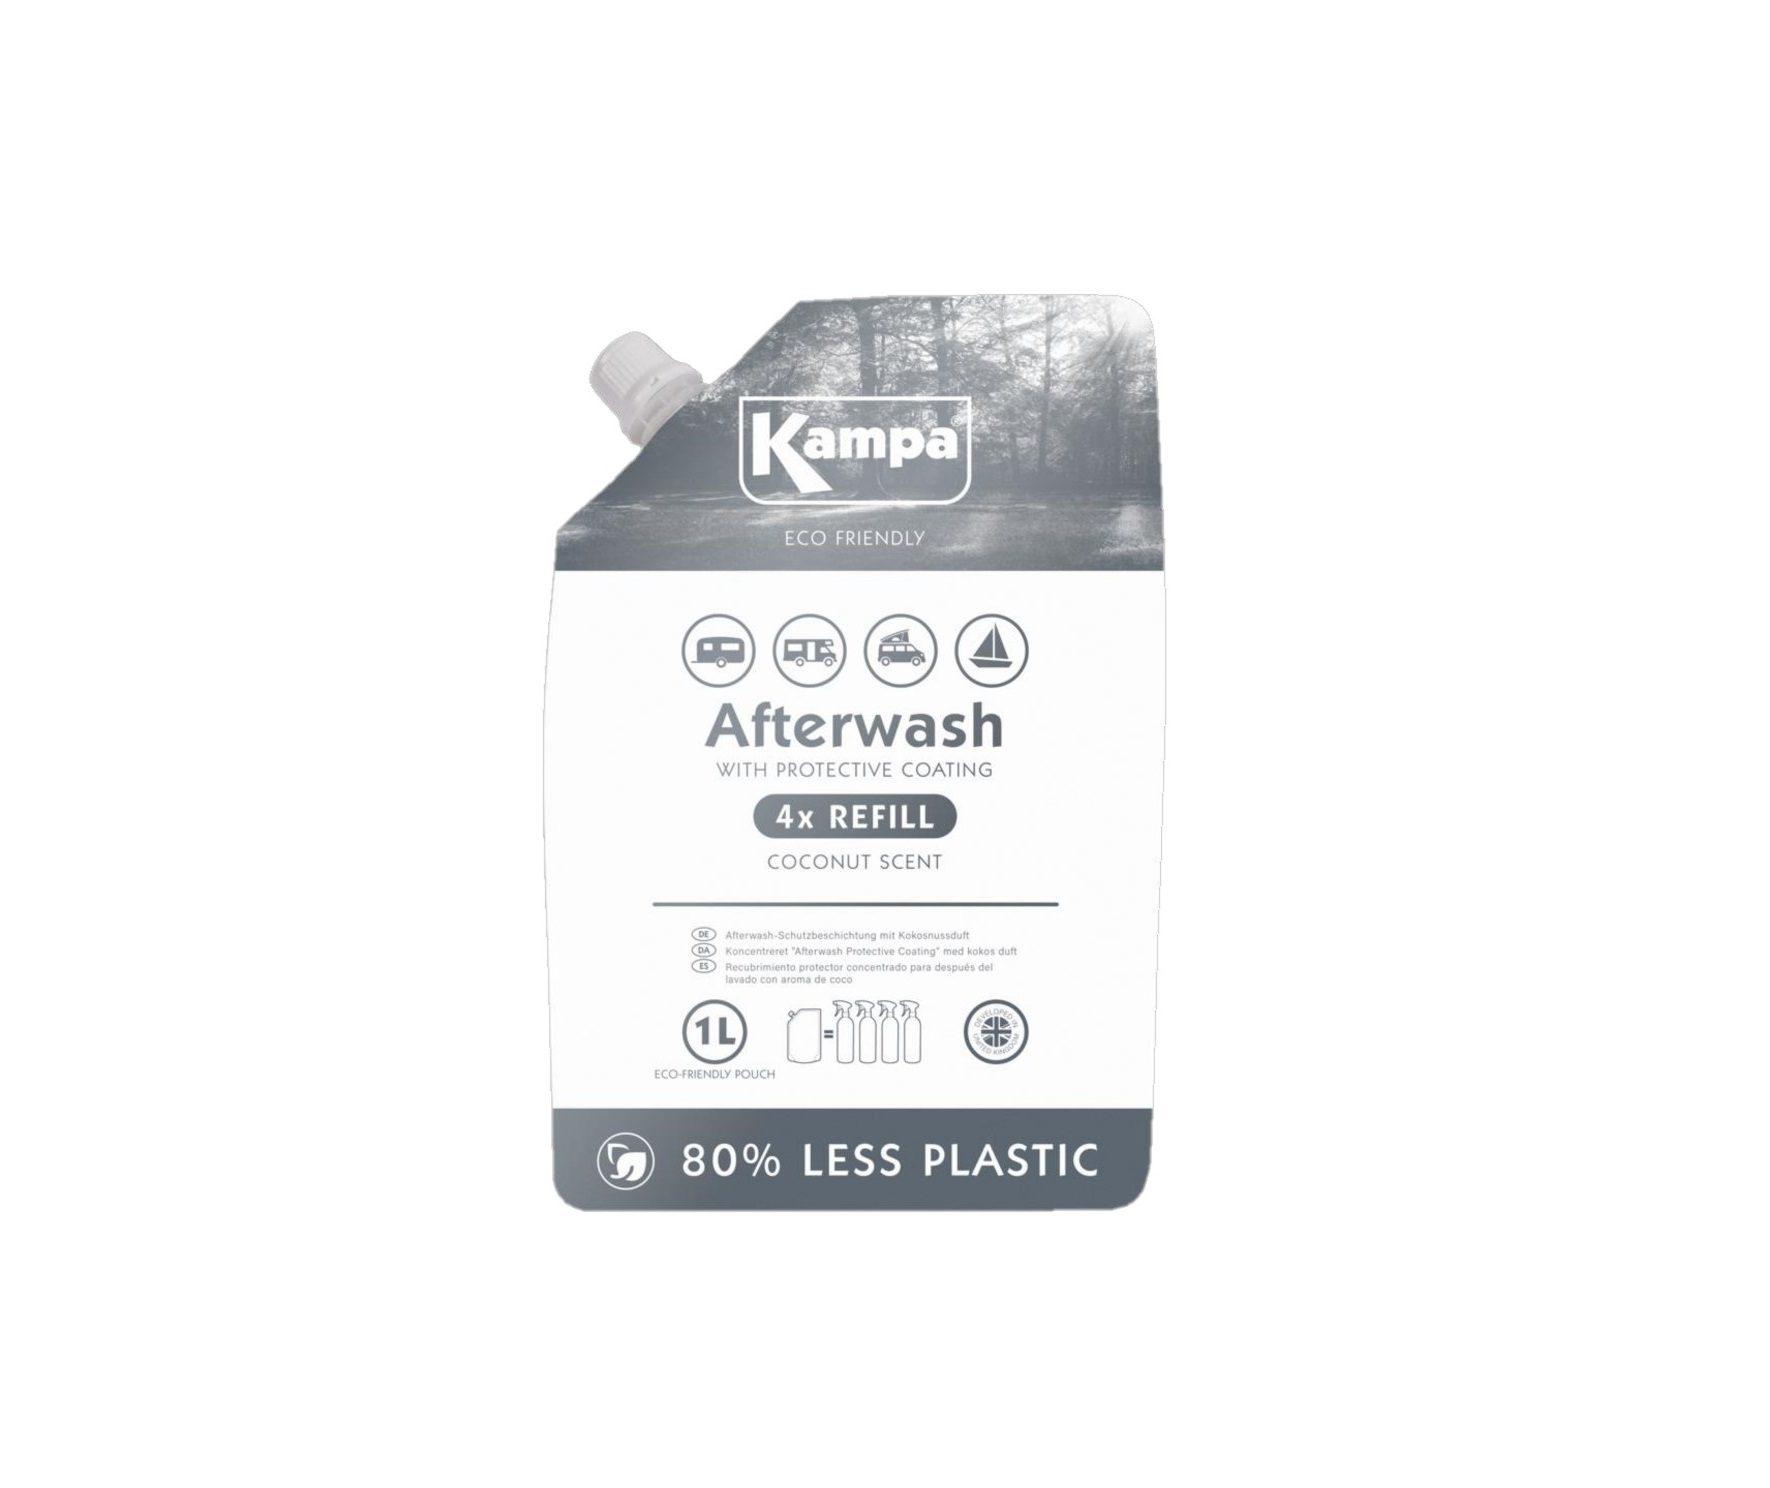 Kampa eco refill afterwash